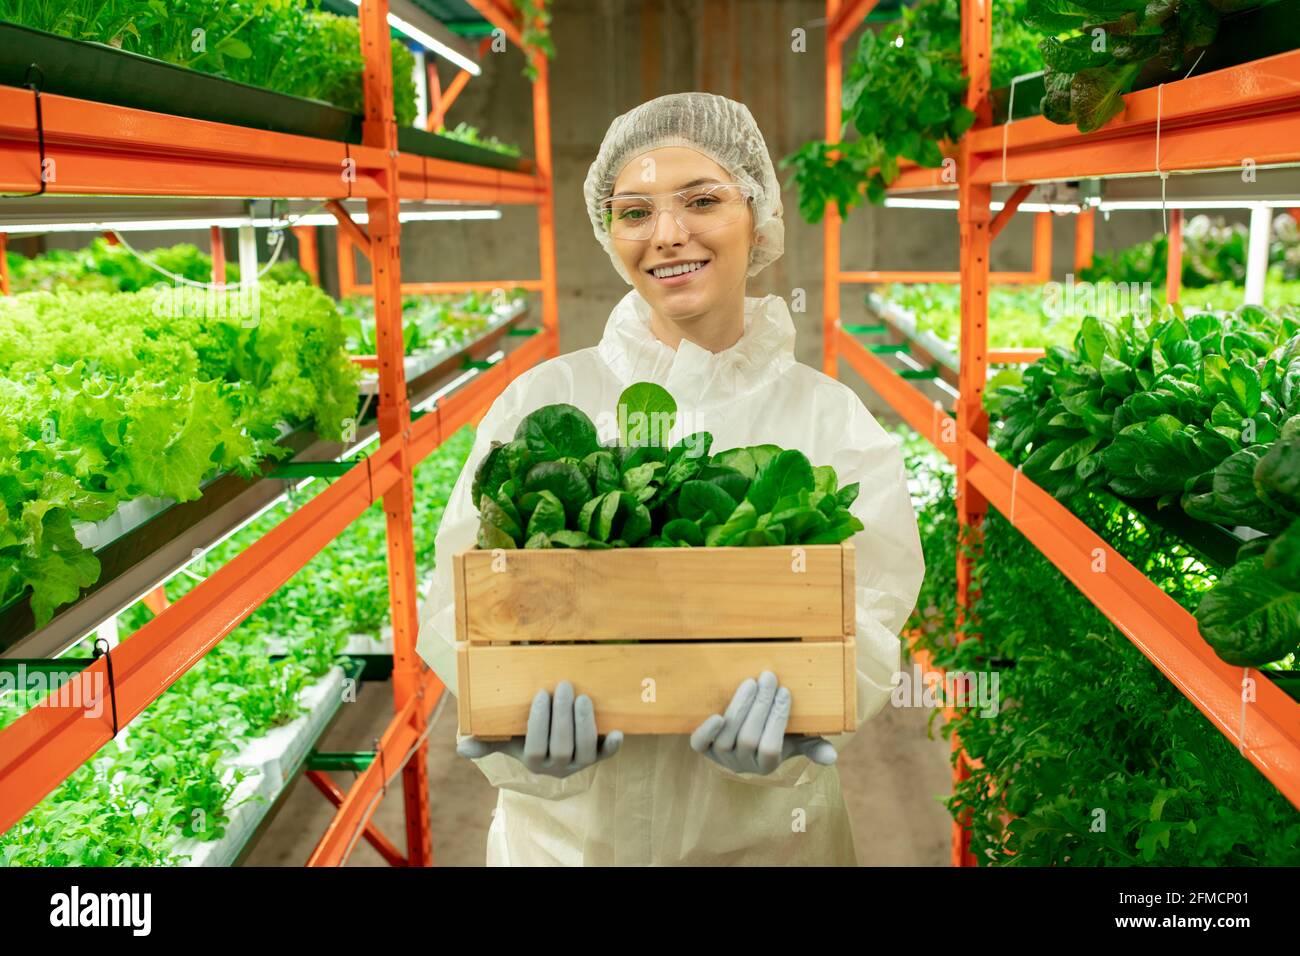 Portrait de jeune employé gai de serre en vêtements de travail de protection et lunettes de protection contenant une boîte de semis dans l'allée de la ferme verticale Banque D'Images